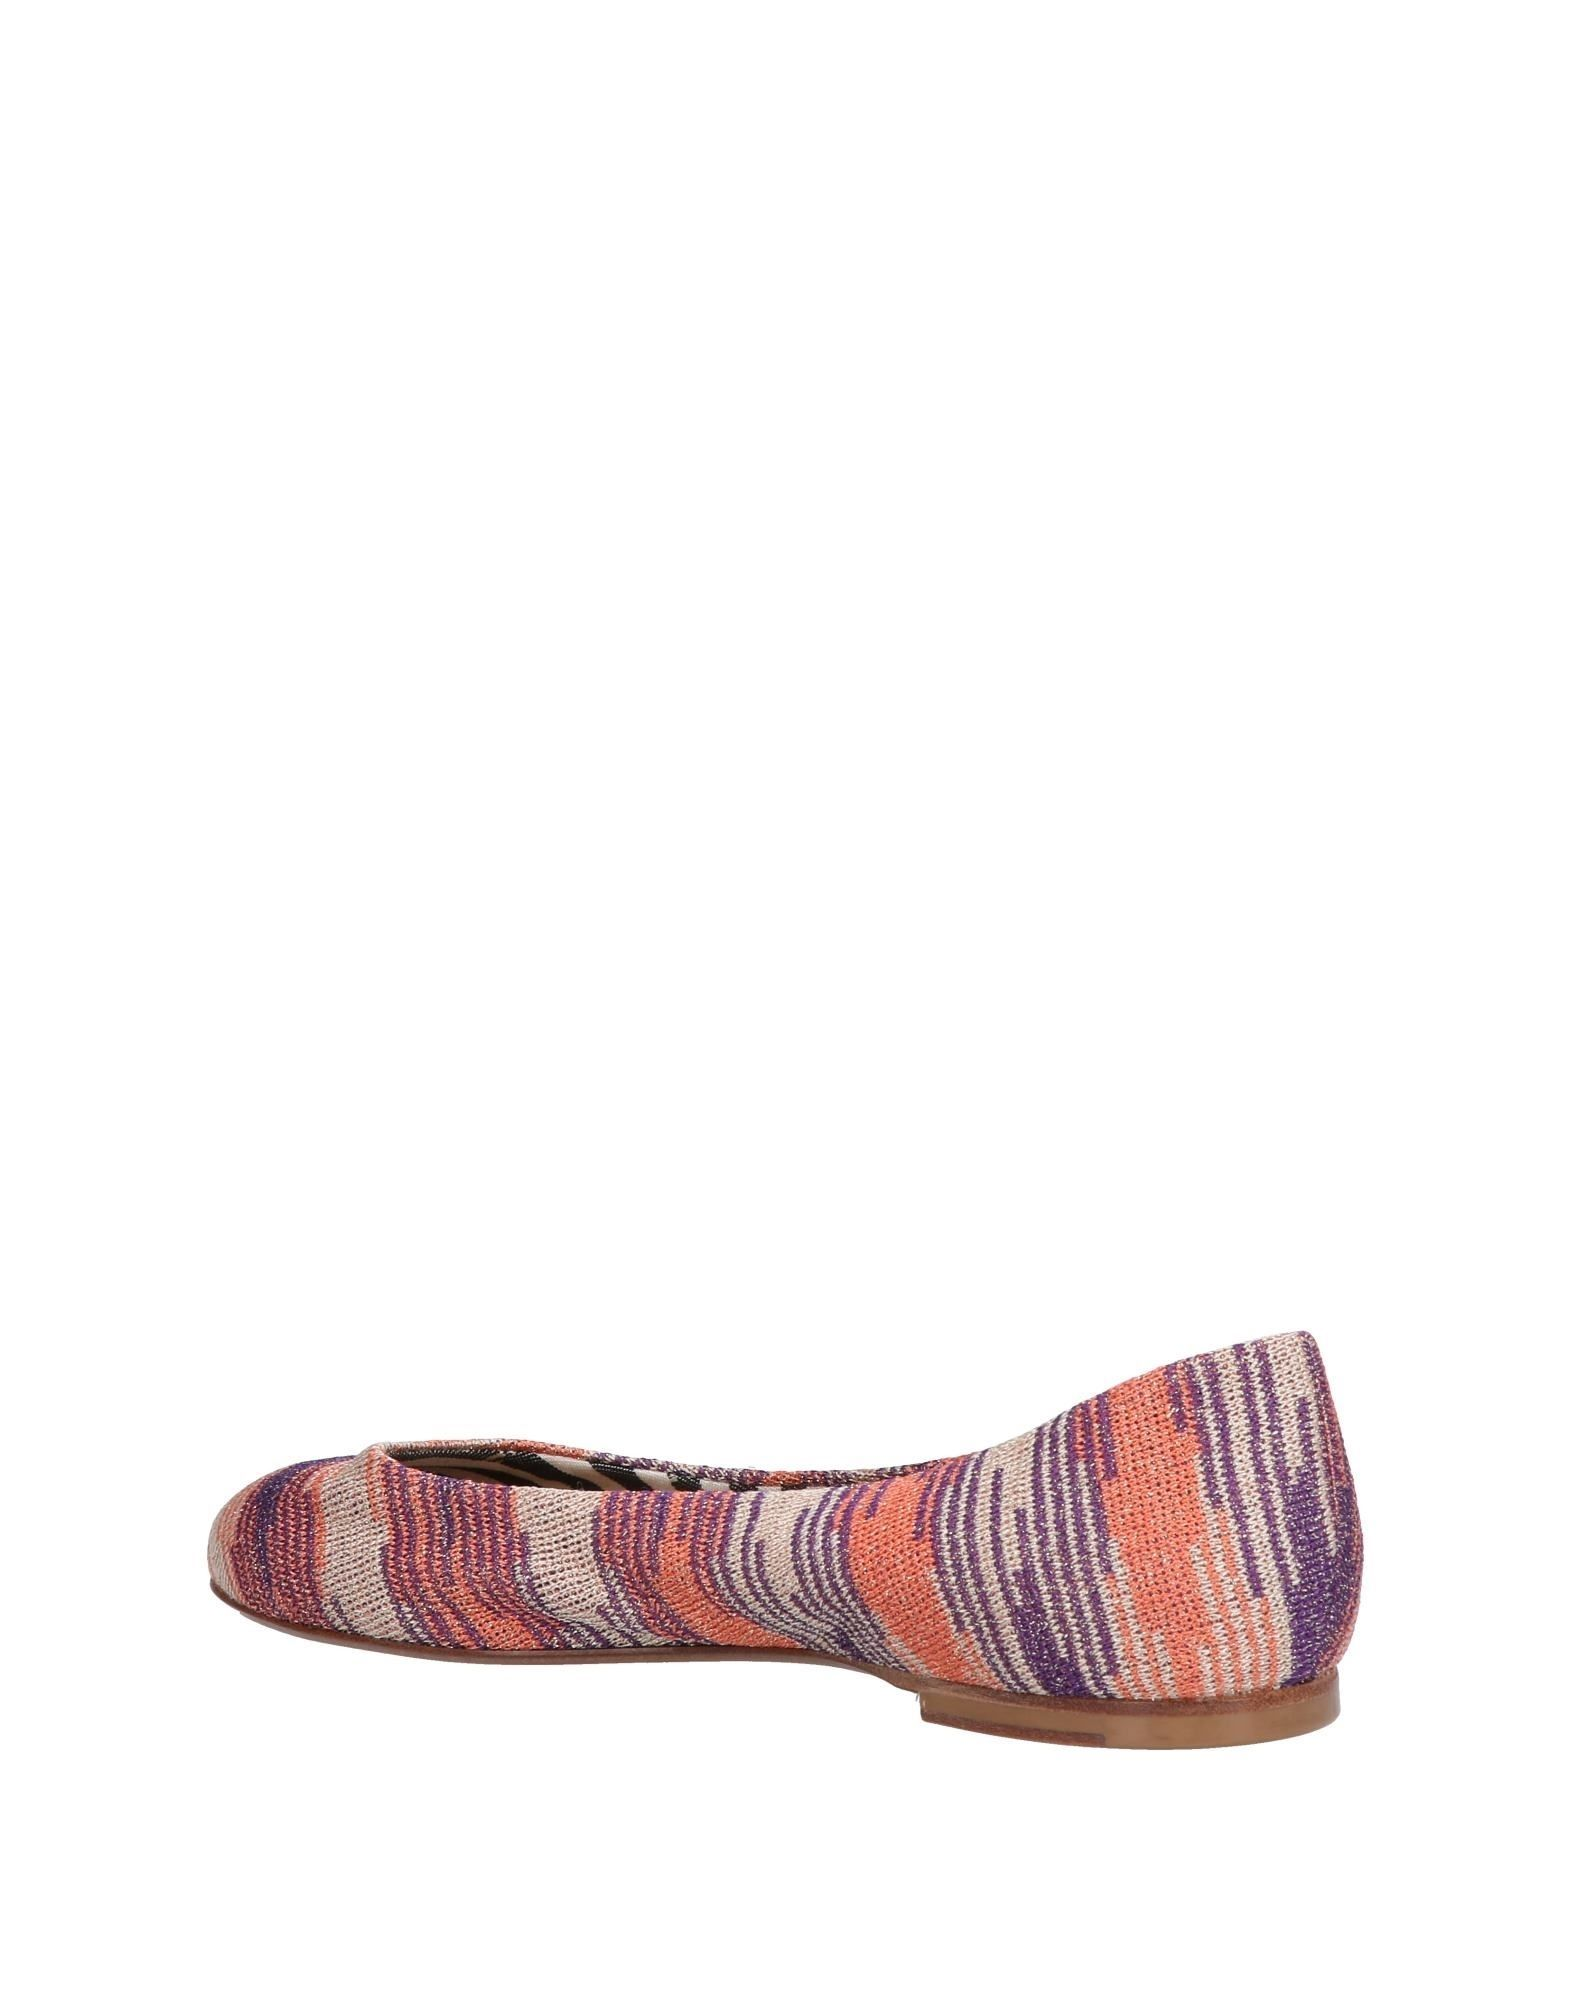 M Missoni Salmon Pink Print Ballet Pumps